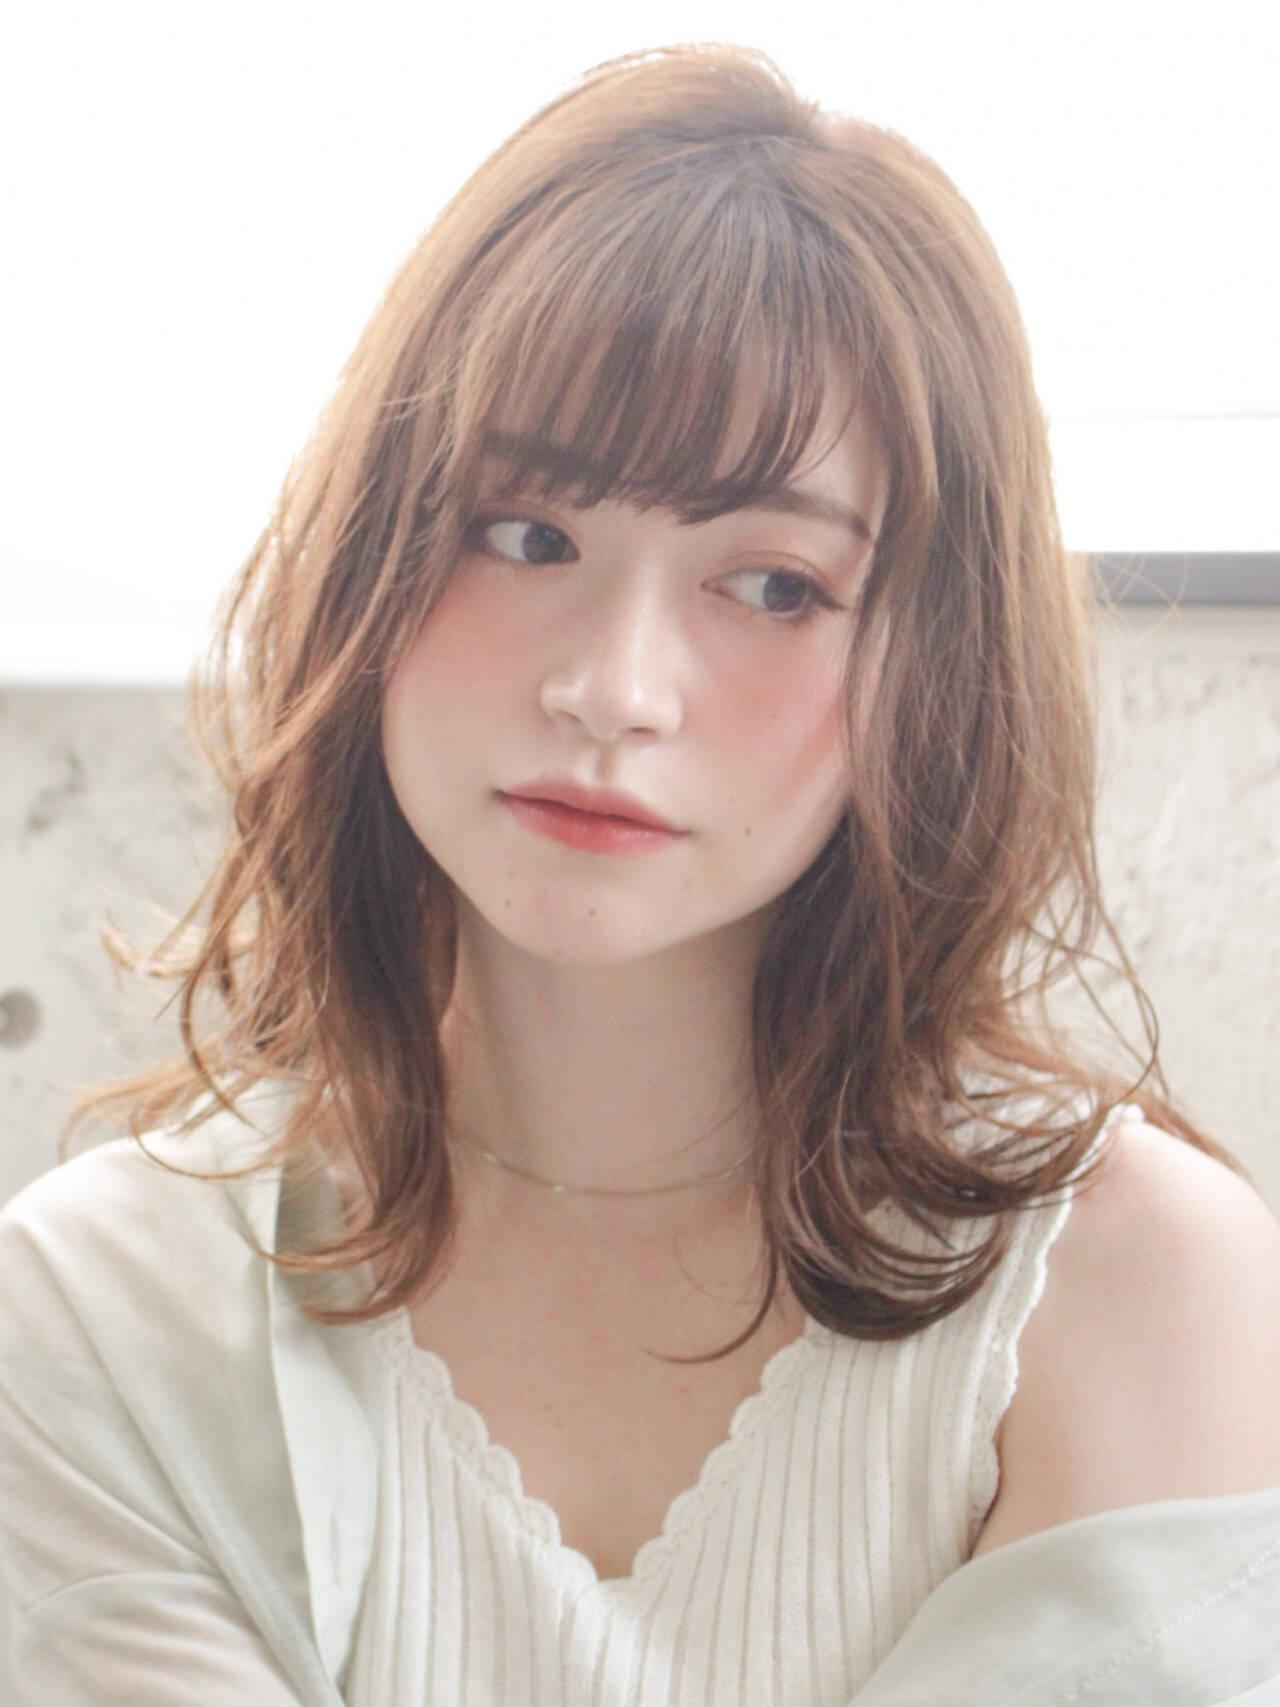 小顔ショート 前髪あり モテ髪 ストレートヘアスタイルや髪型の写真・画像